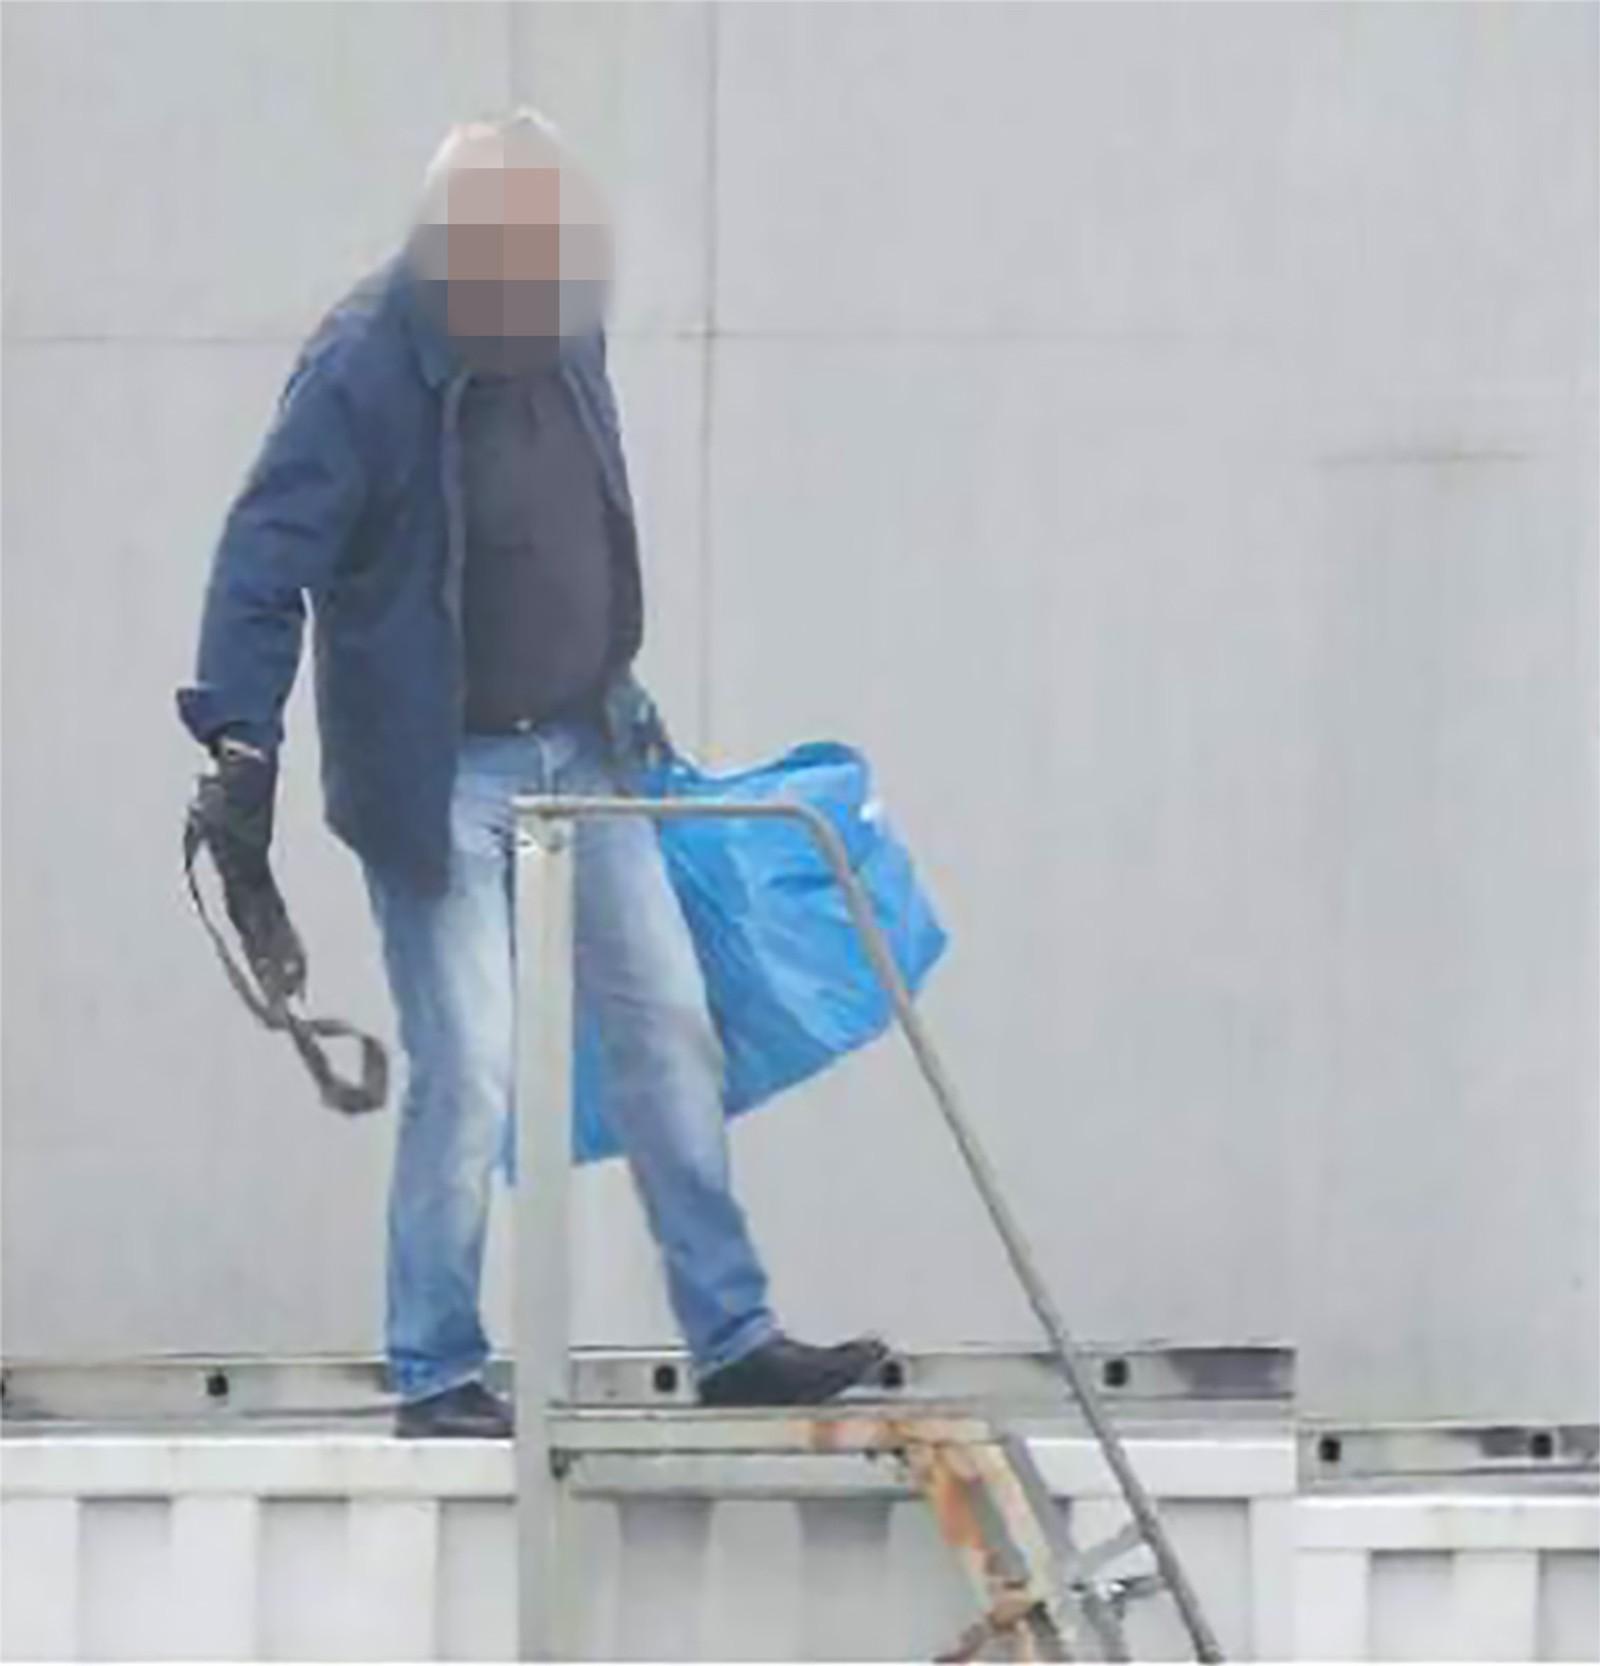 Ved å følge med på transporter av hasj ut av containeren kunne politiet finne flere involverte.